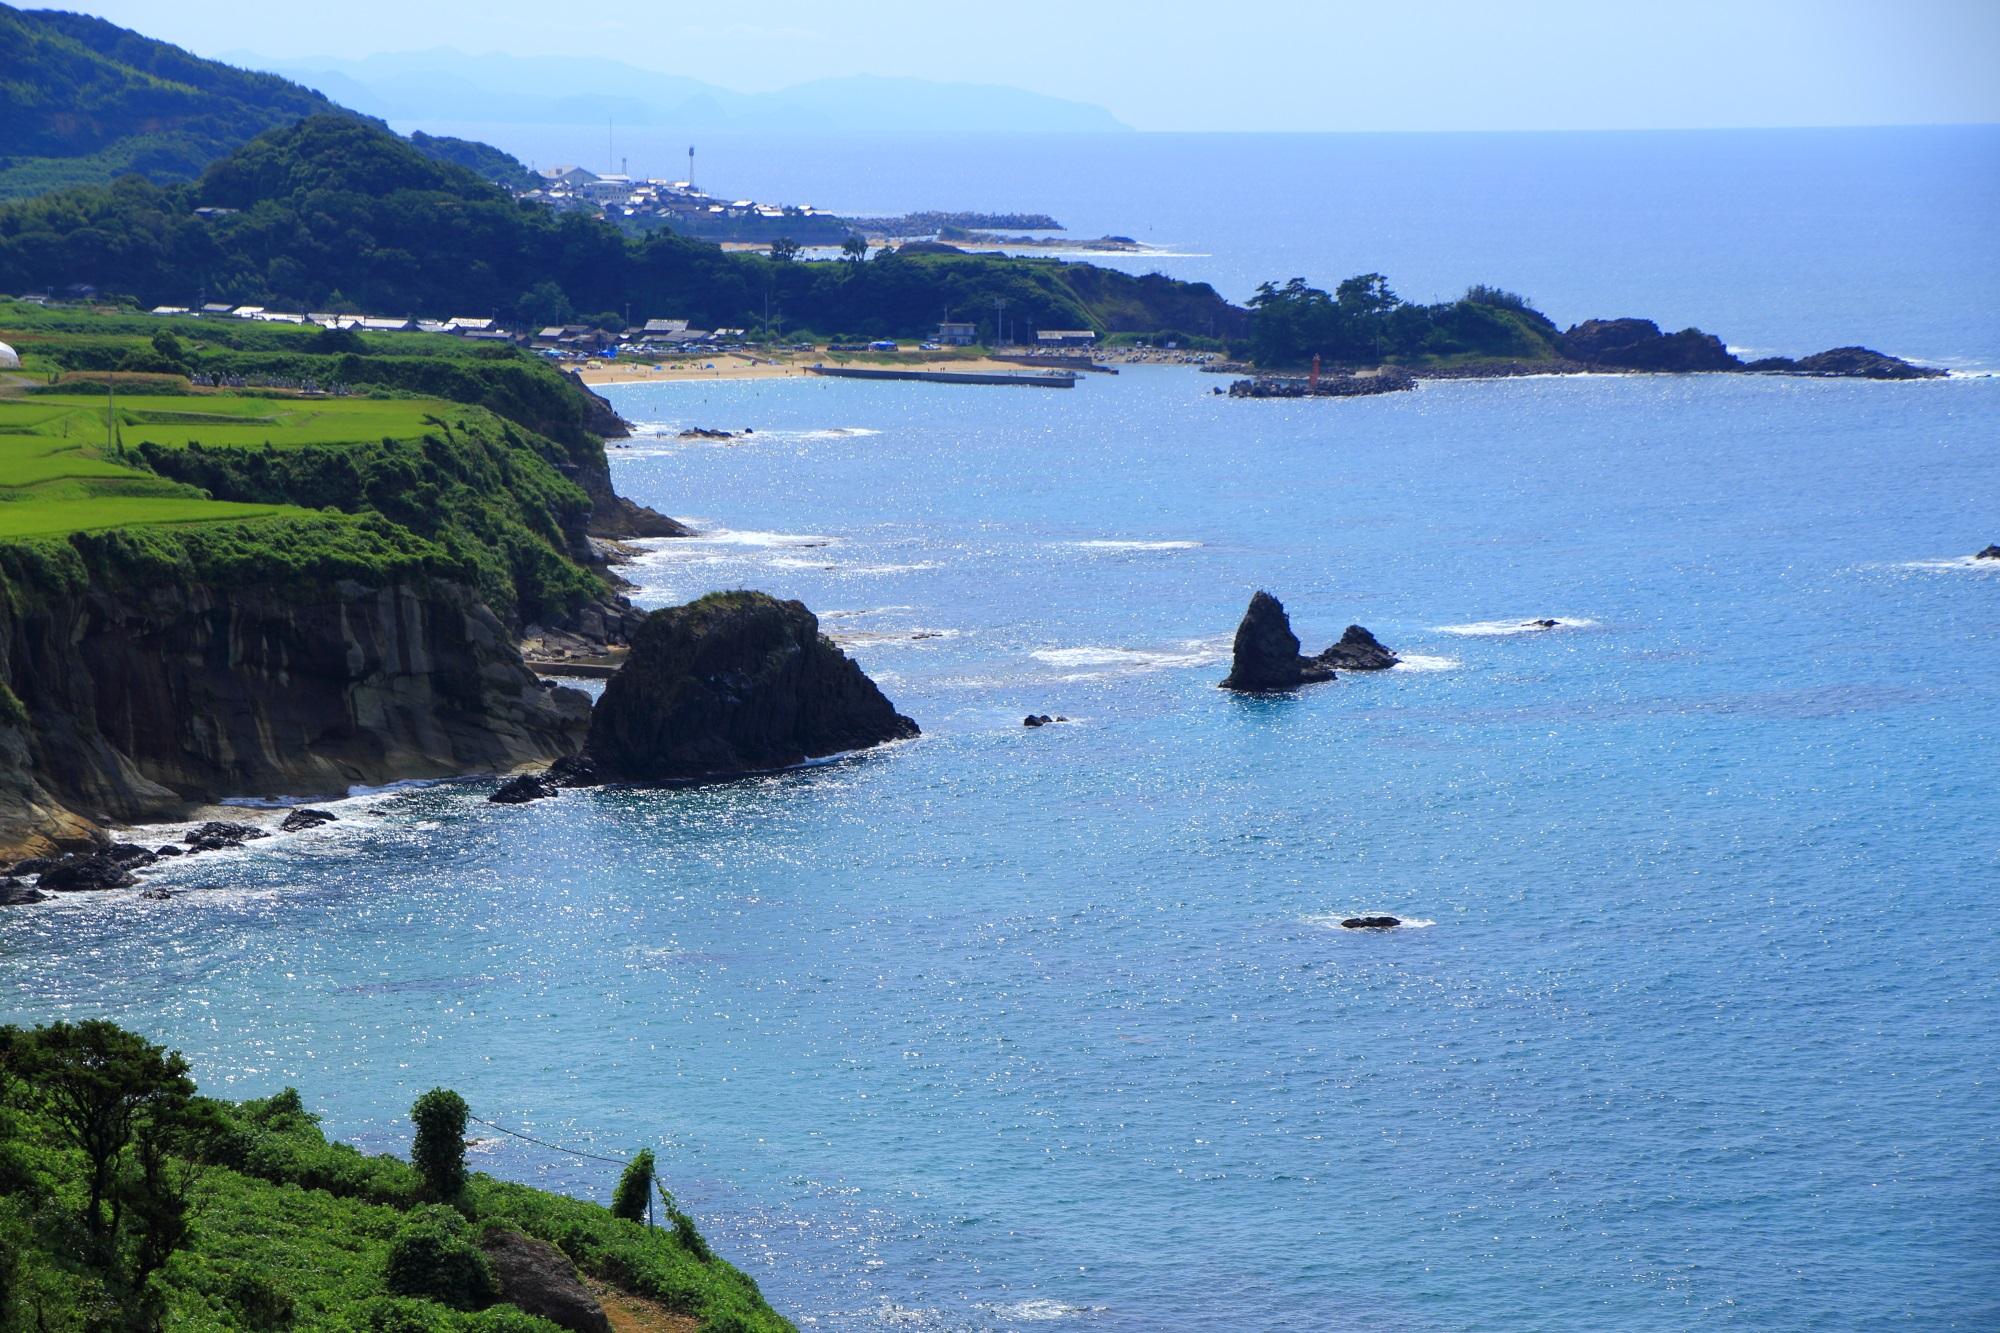 遠めから眺めた屏風岩と京丹後の海